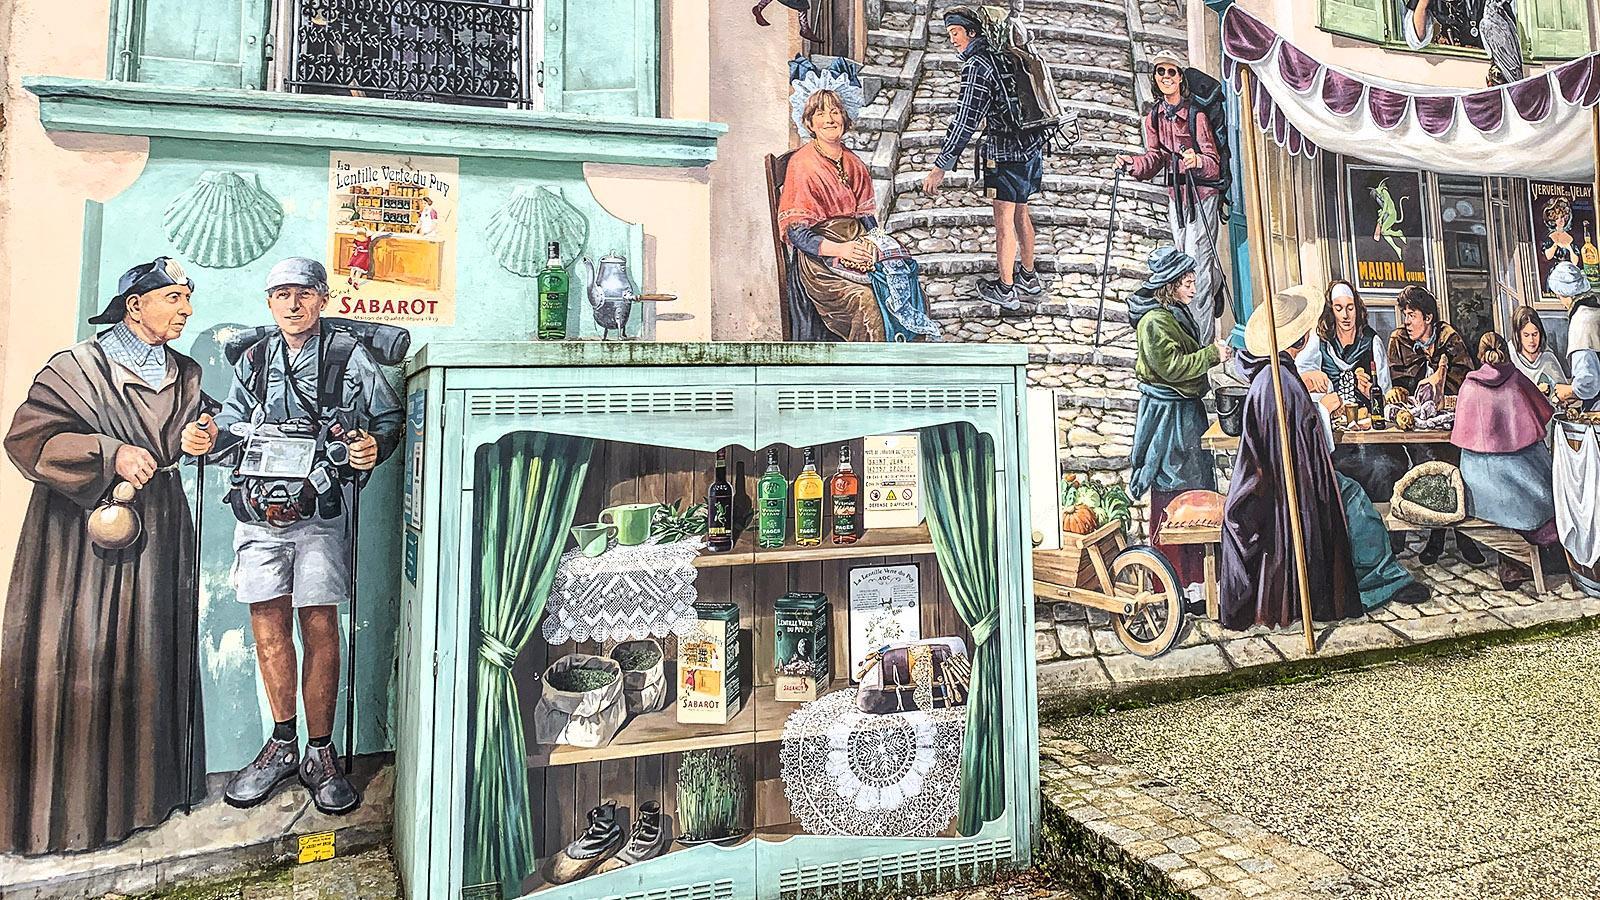 """Le Puy-en-Velay: Detail des Wandbildes """"Renaissance"""" von Patrick Commency. Foto: Hilke Maunder"""